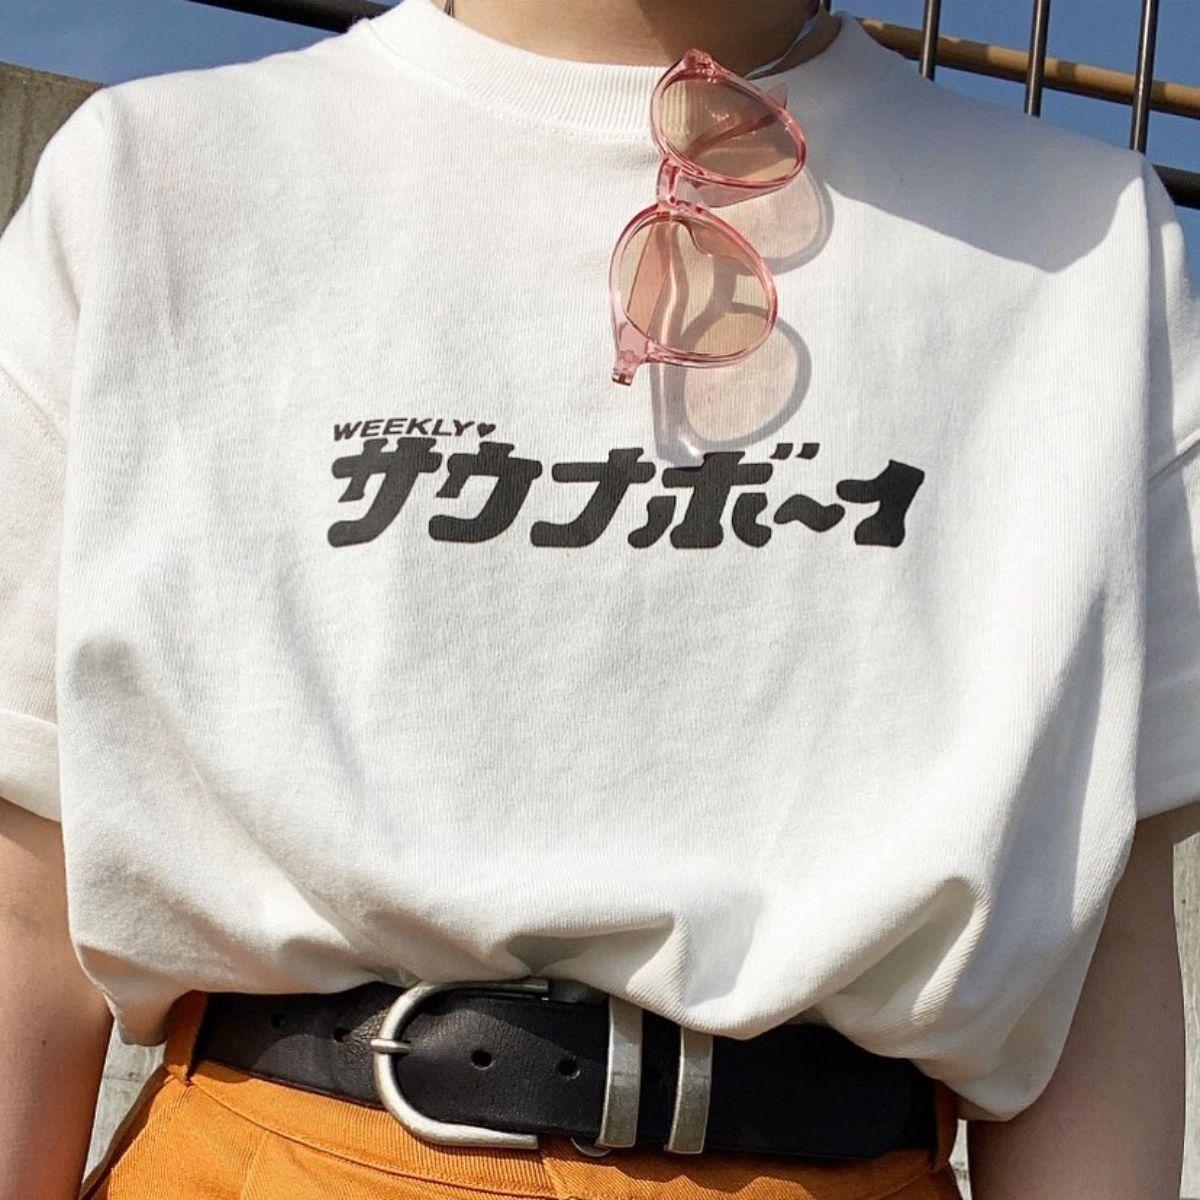 ちょっとレトロな雰囲気にときめいた。この夏Tシャツで差別化するなら「サウナボーイ」がかわいいんです